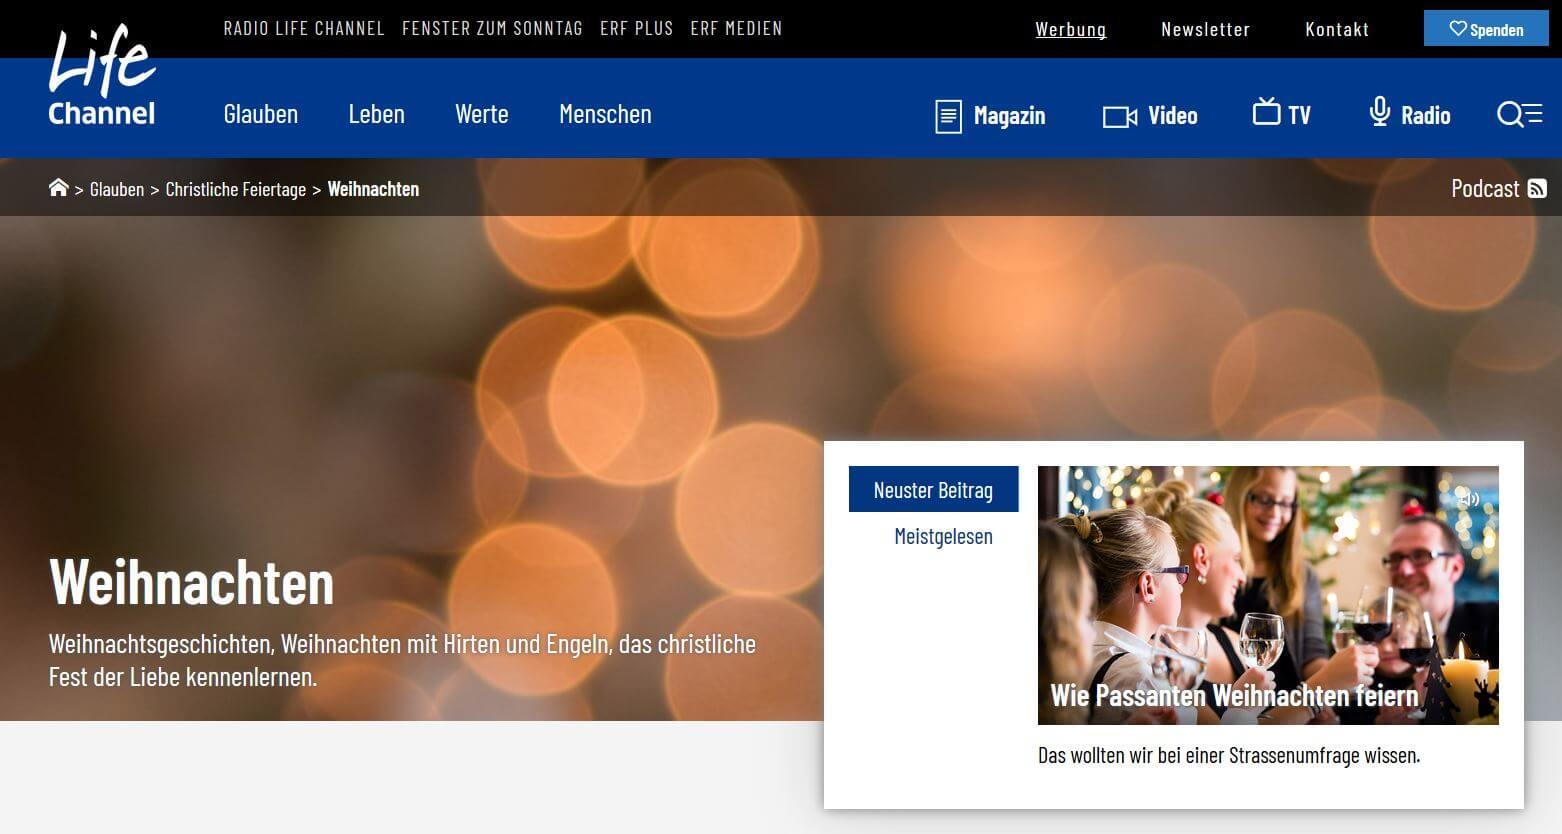 Weihnachten und Weihnachtsgeschichten auf Radio Lifechannel